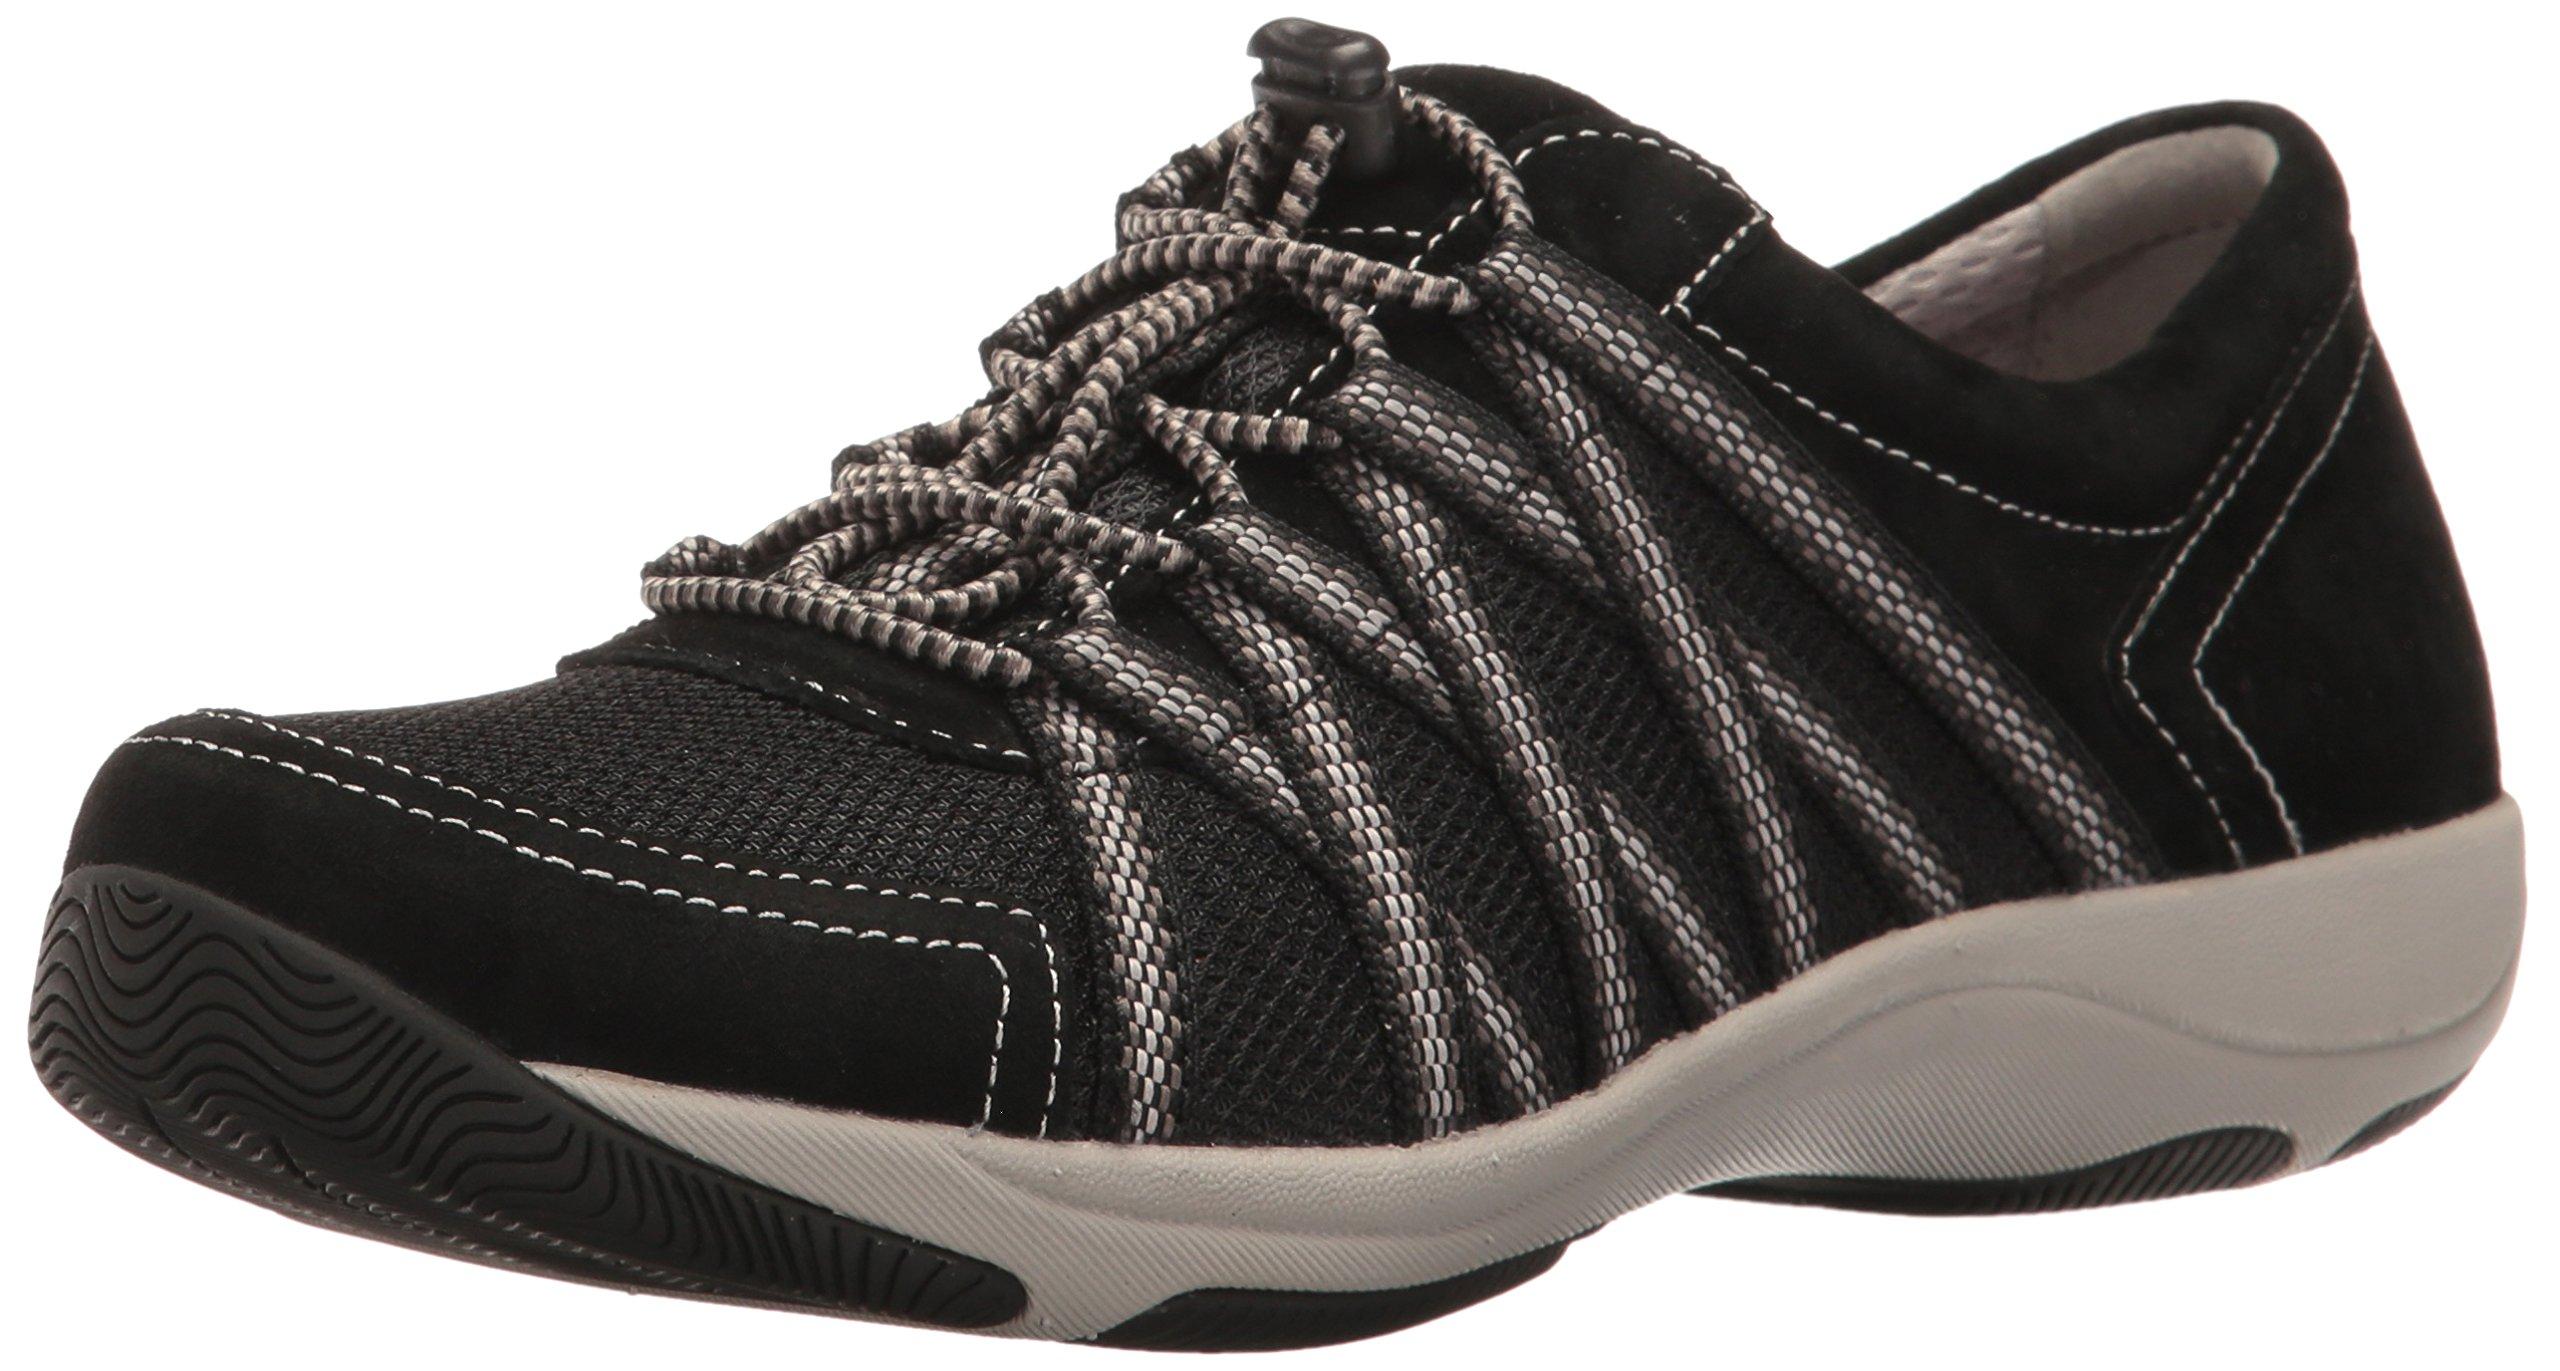 Dansko Women's Honor Fashion Sneaker, Black Suede, 39 EU/8.5-9 M US